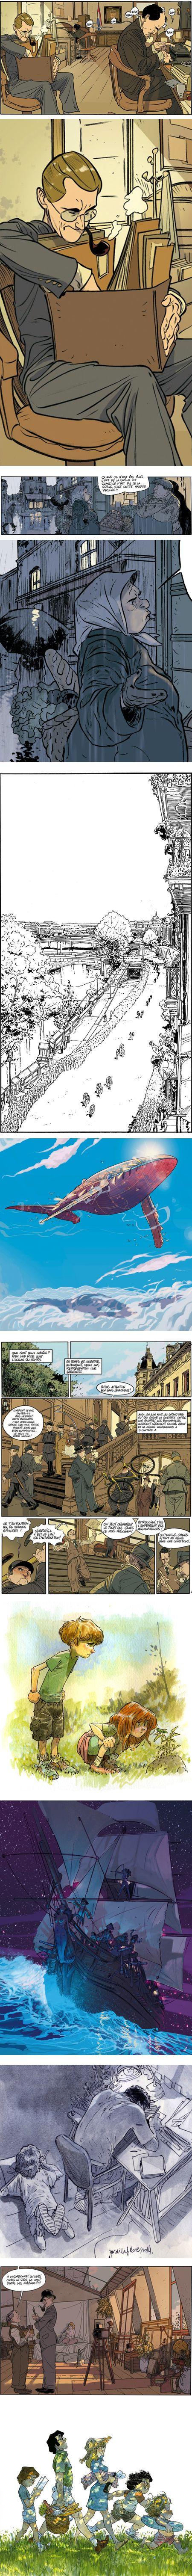 Jordi Lafebre, comics